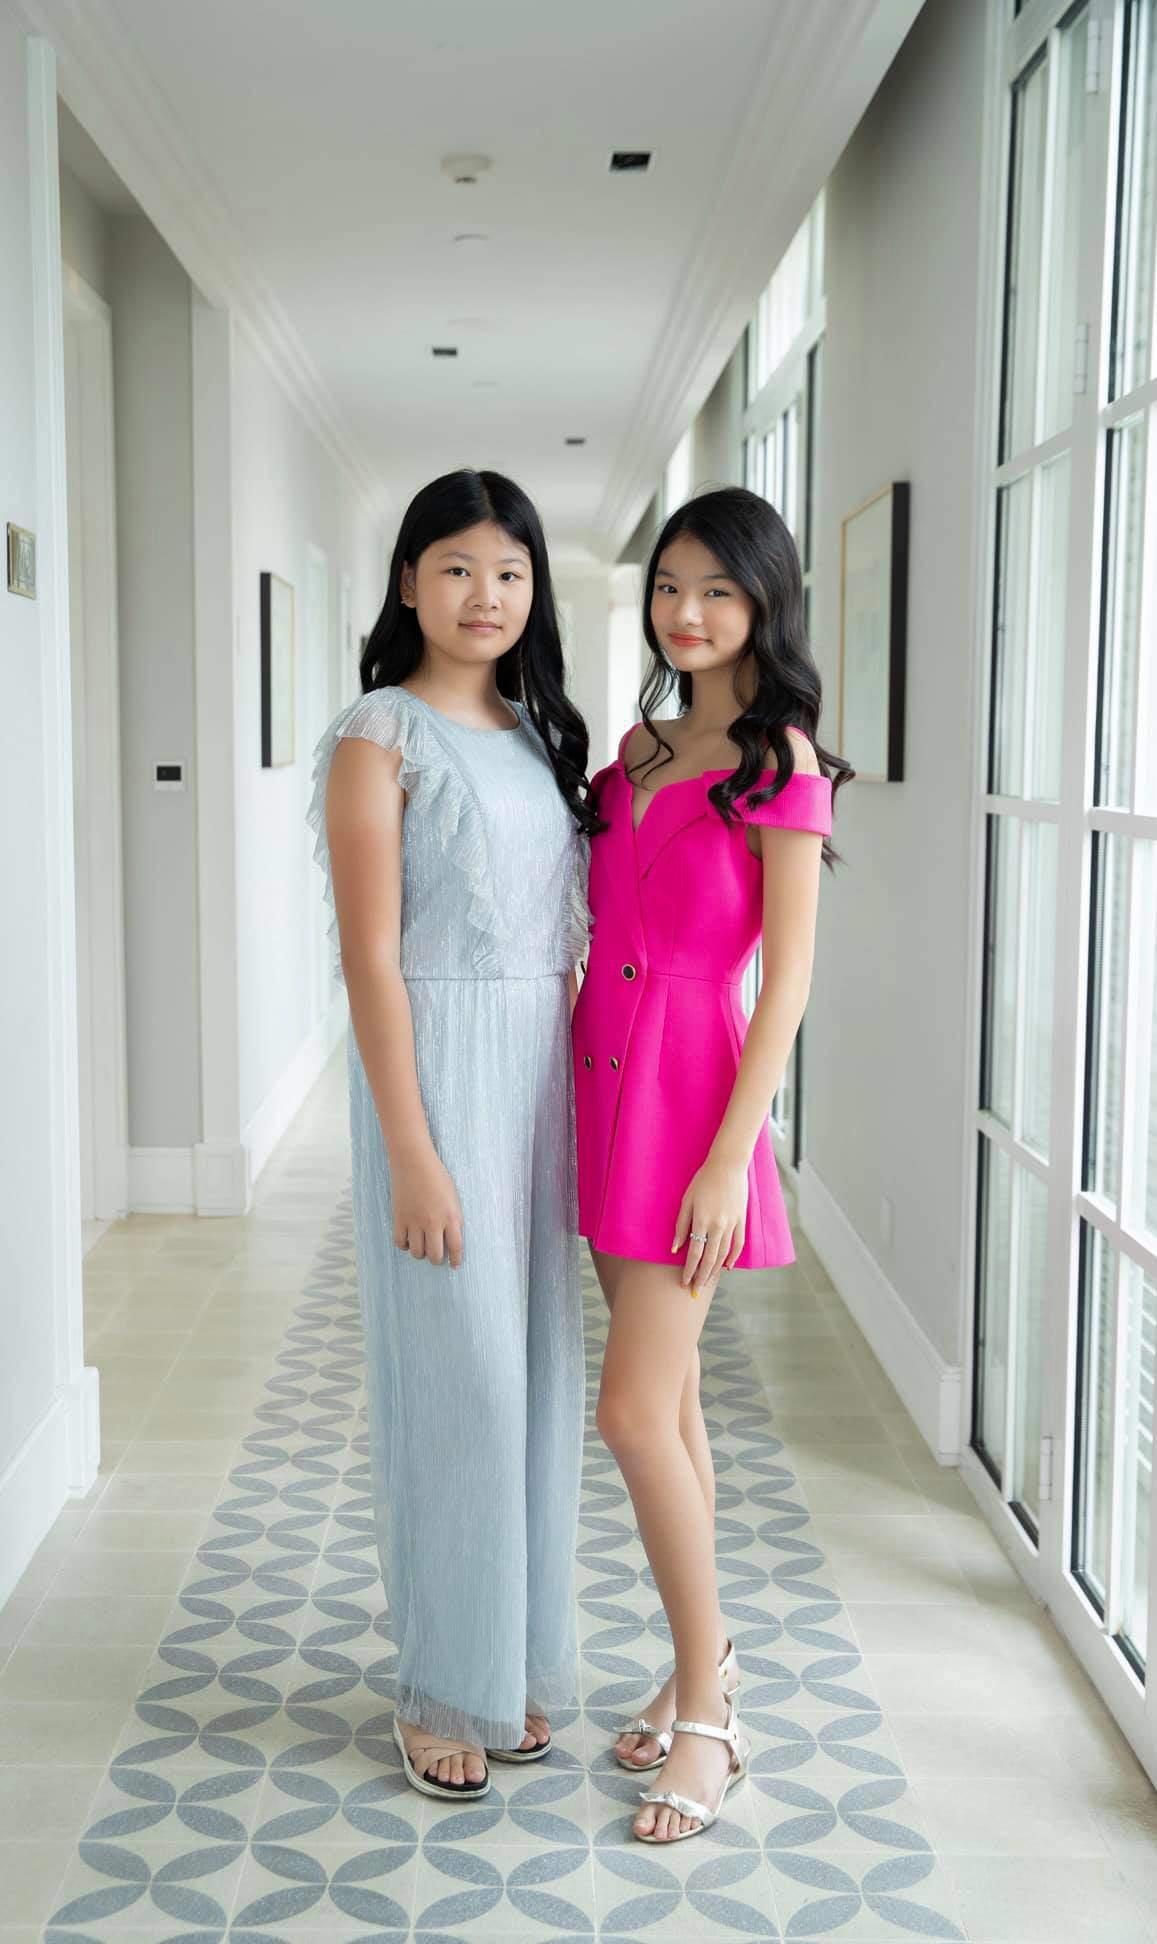 Con gái Trương Ngọc Ánh đứng cạnh một bé gái giống như chị em ruột, danh tính cũng không vừa - 4